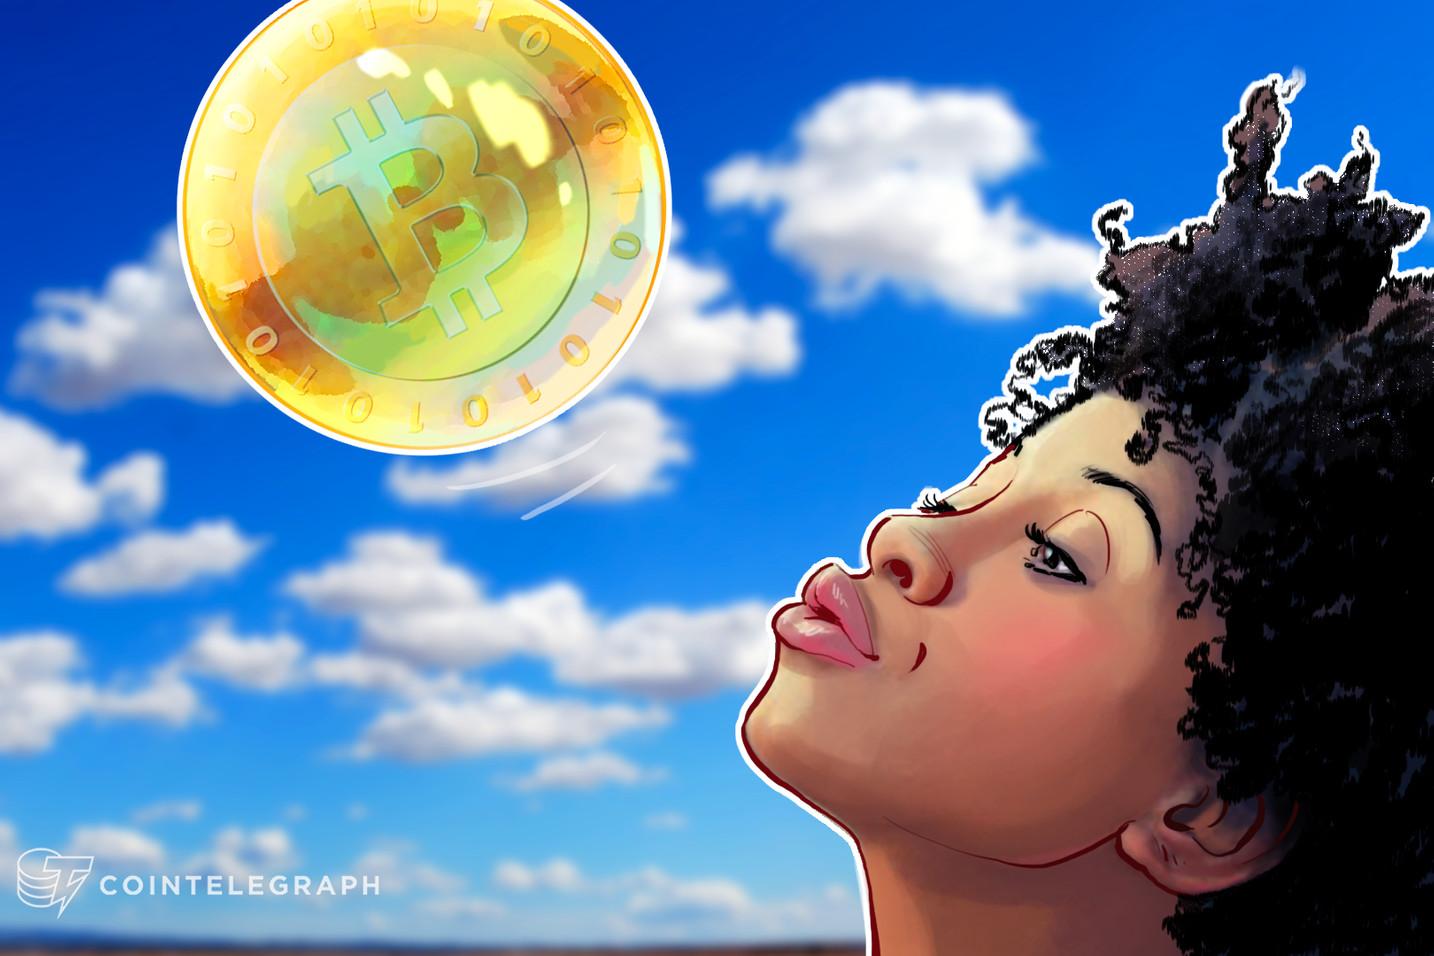 Barış Özistek: 2018 Çöküşü, Blockchain ve Kripto için İstikrarlı Büyümeye Kapı Açtı